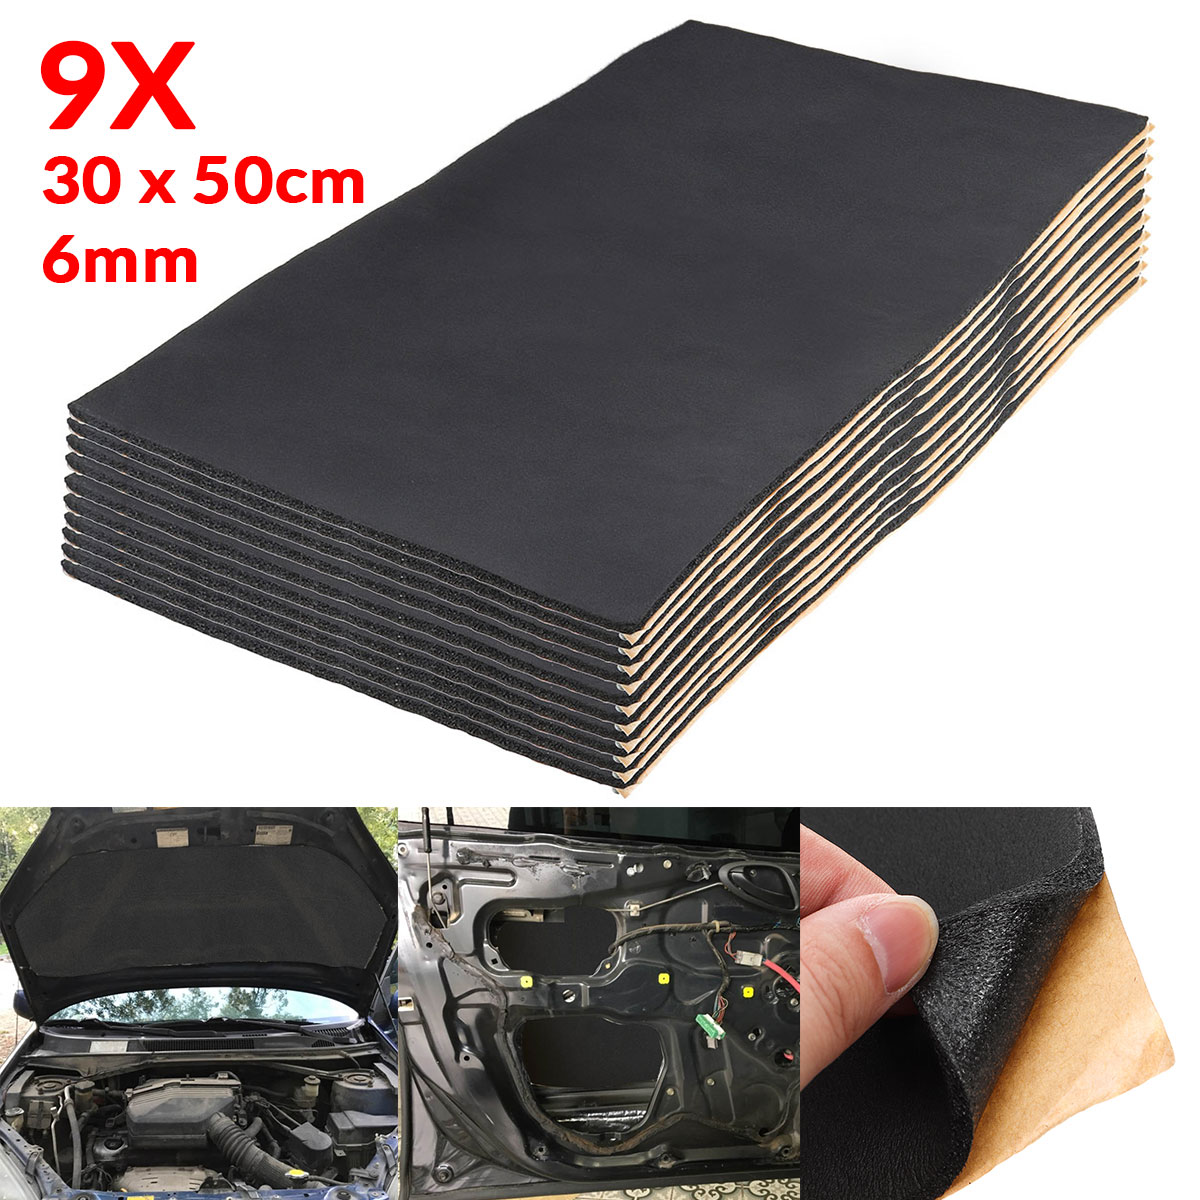 9 × 1 センチメートル 0.6 センチメートル車の音ホット Deadener マットノイズ証拠ボンネット絶縁消音エンジンファイアウォール熱泡綿ステッカー 30 × 50 センチメートル